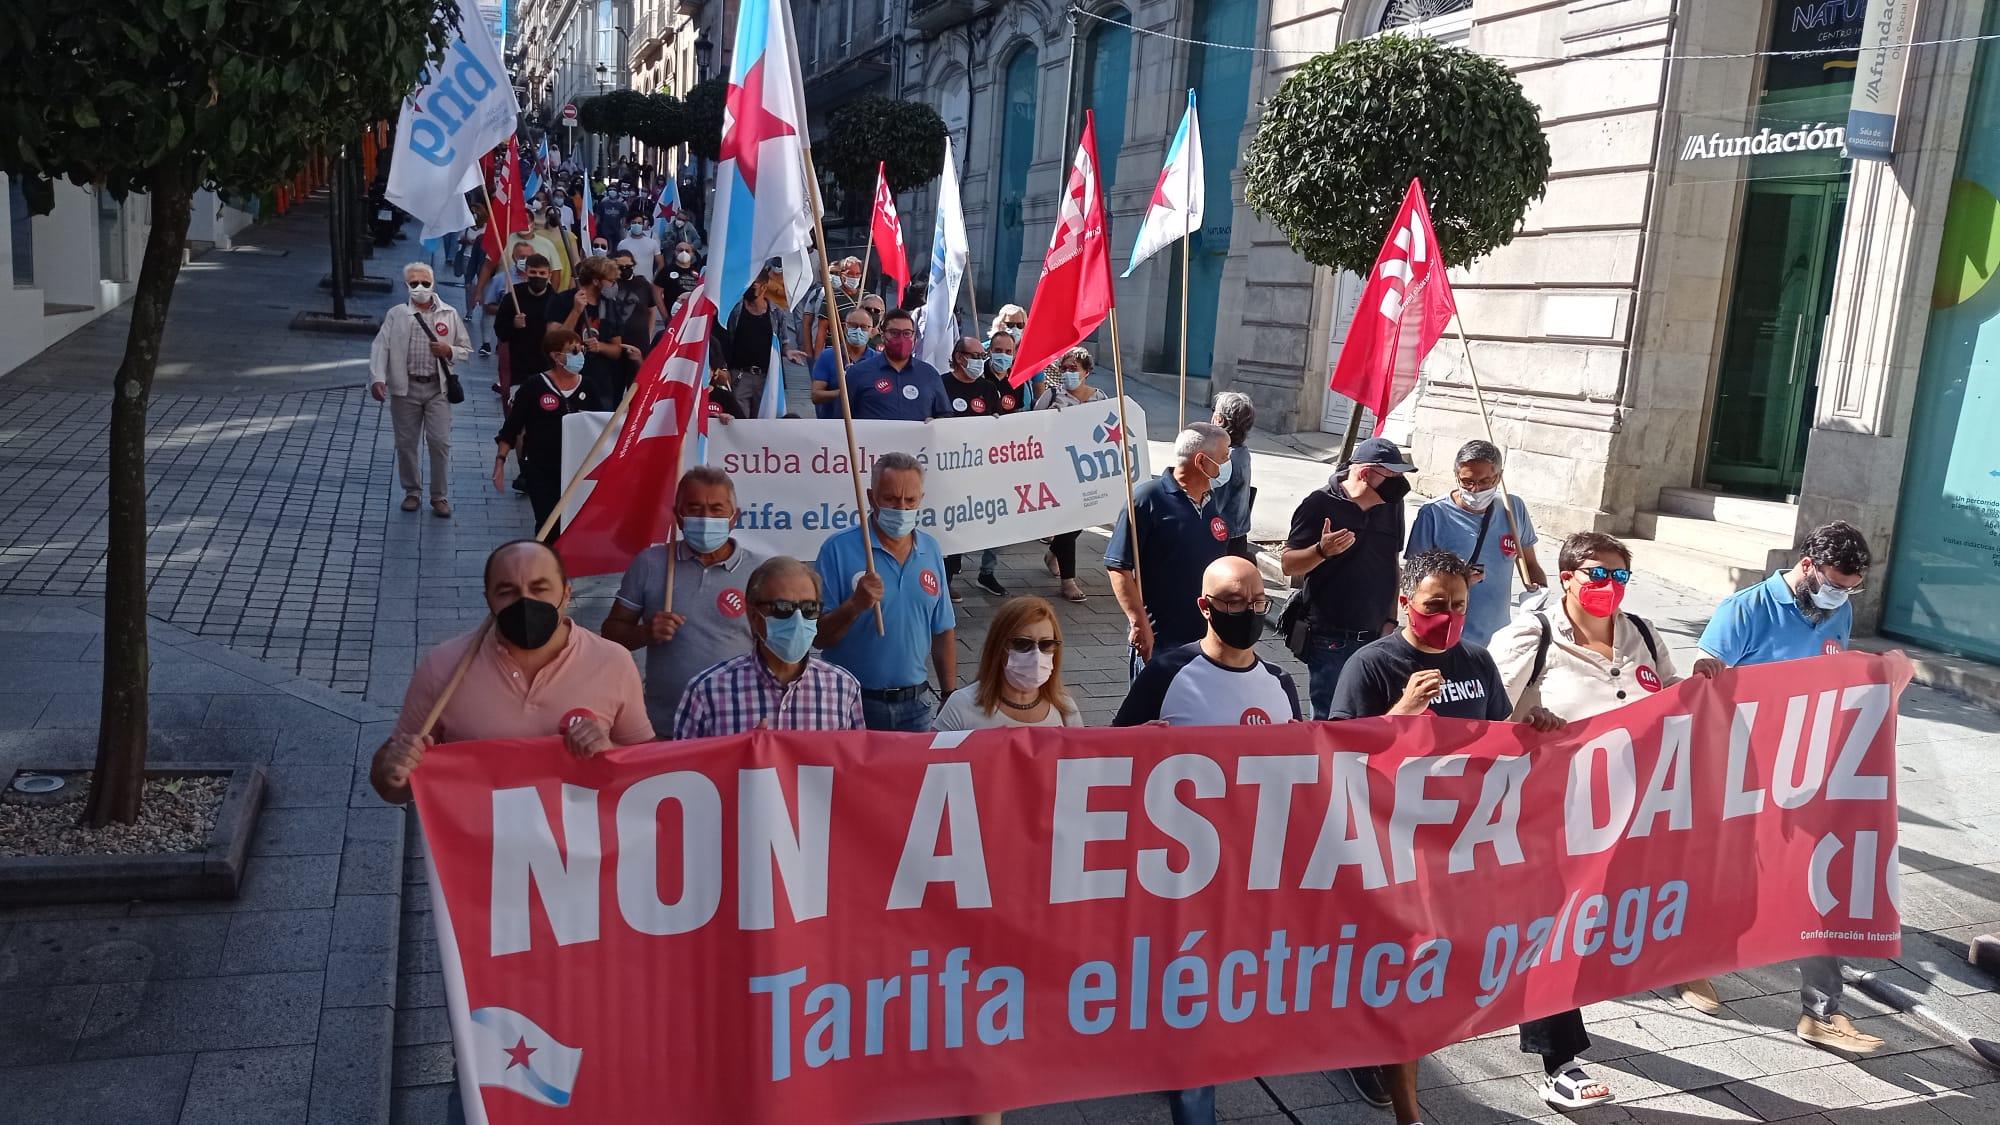 Marcha da CIG en Vigo contra o prezo da electricidade